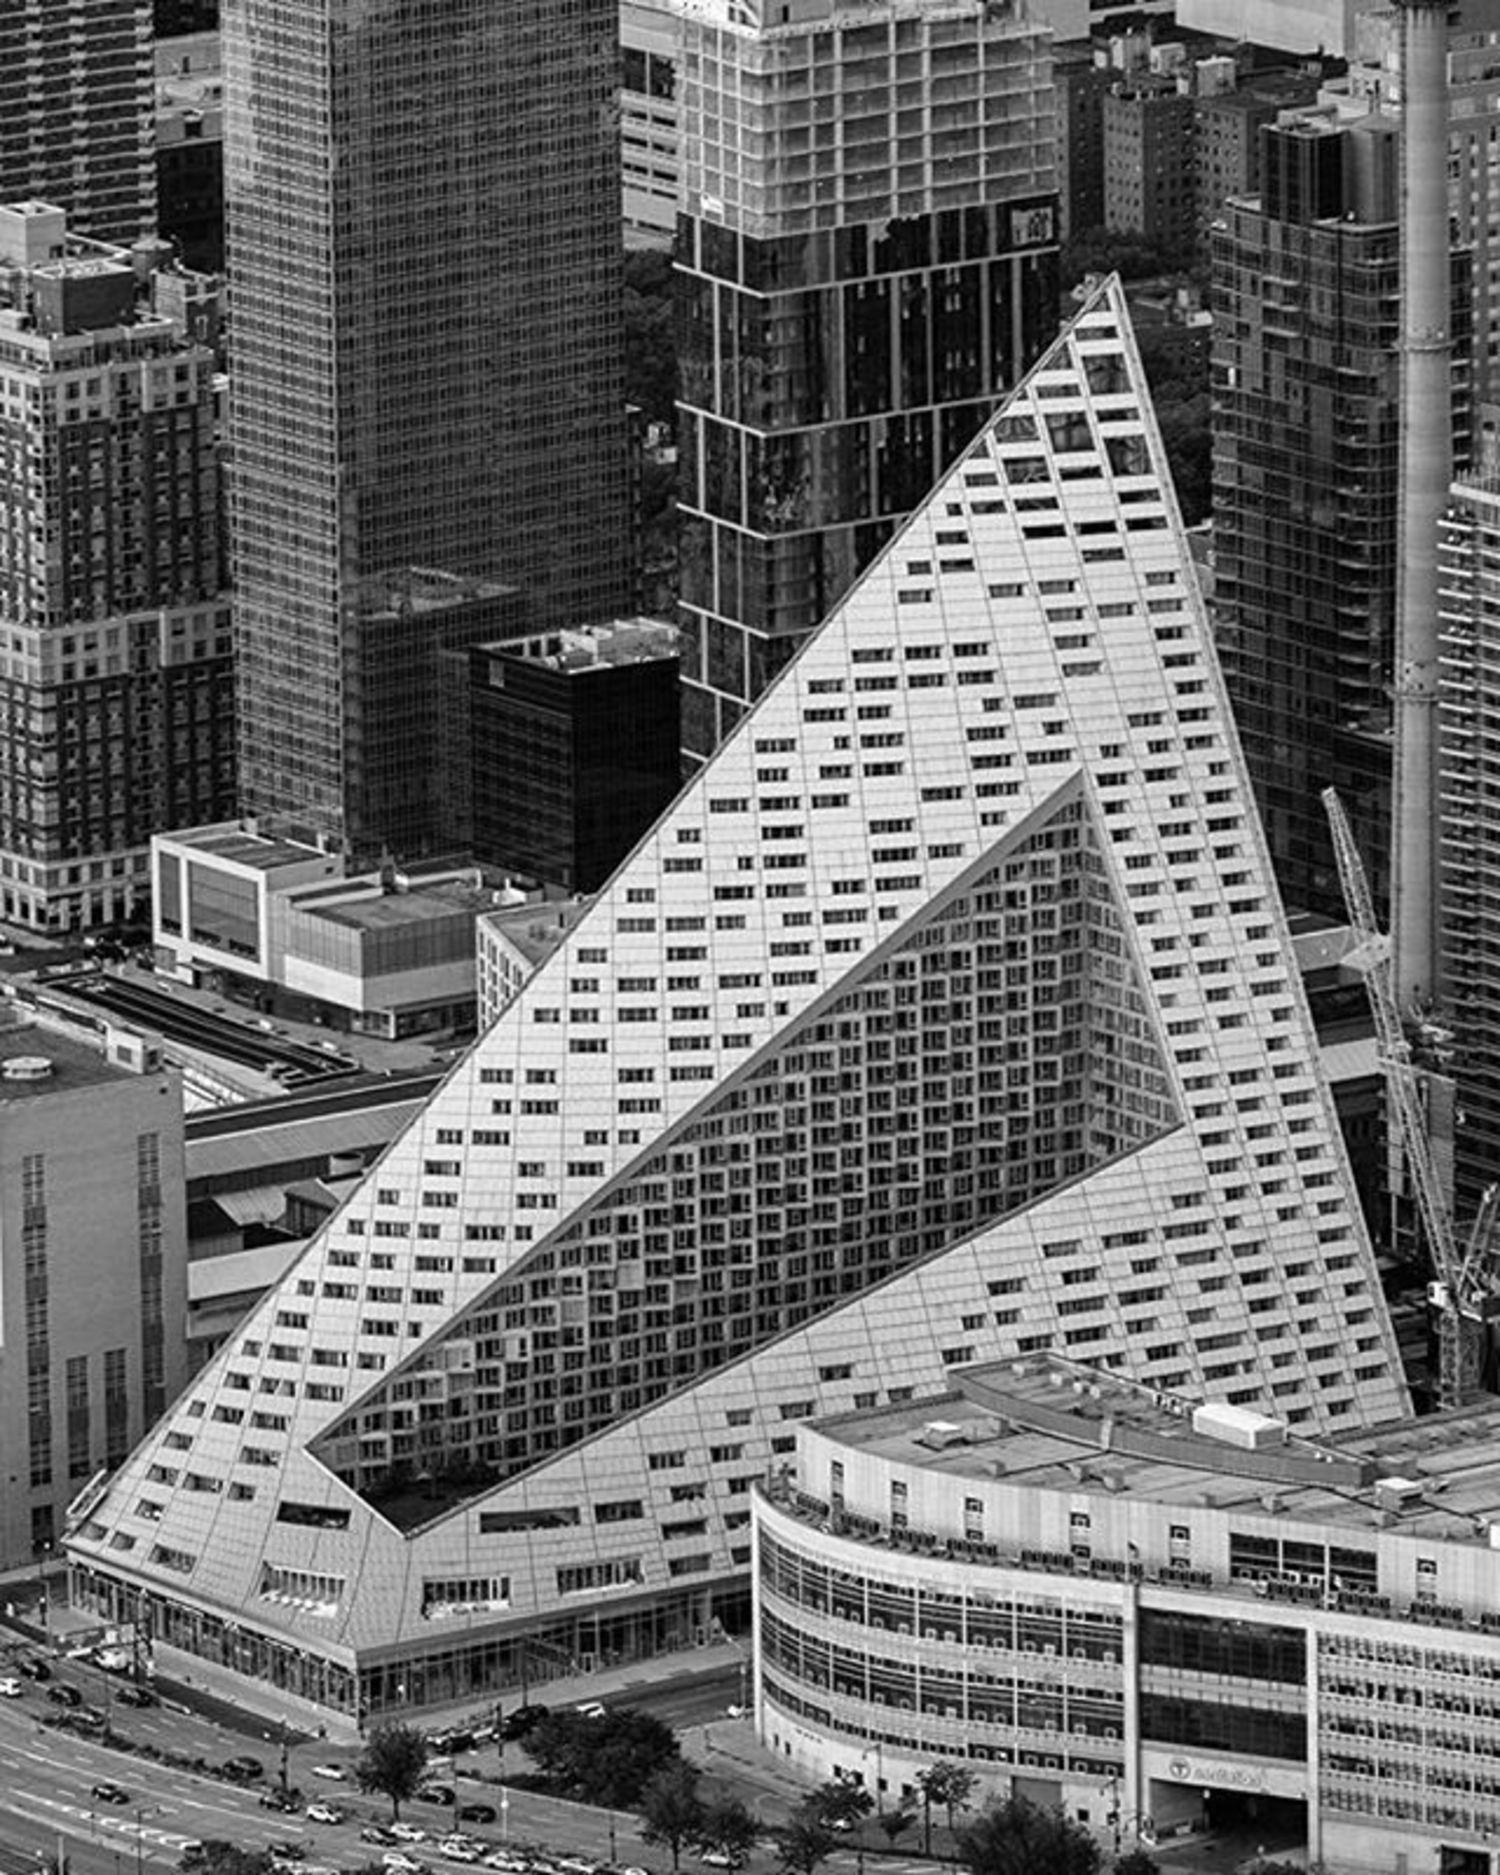 Via 57 West, New York, New York. Photo via @mattpugs #viewingnyc #newyork #newyorkcity #nyc